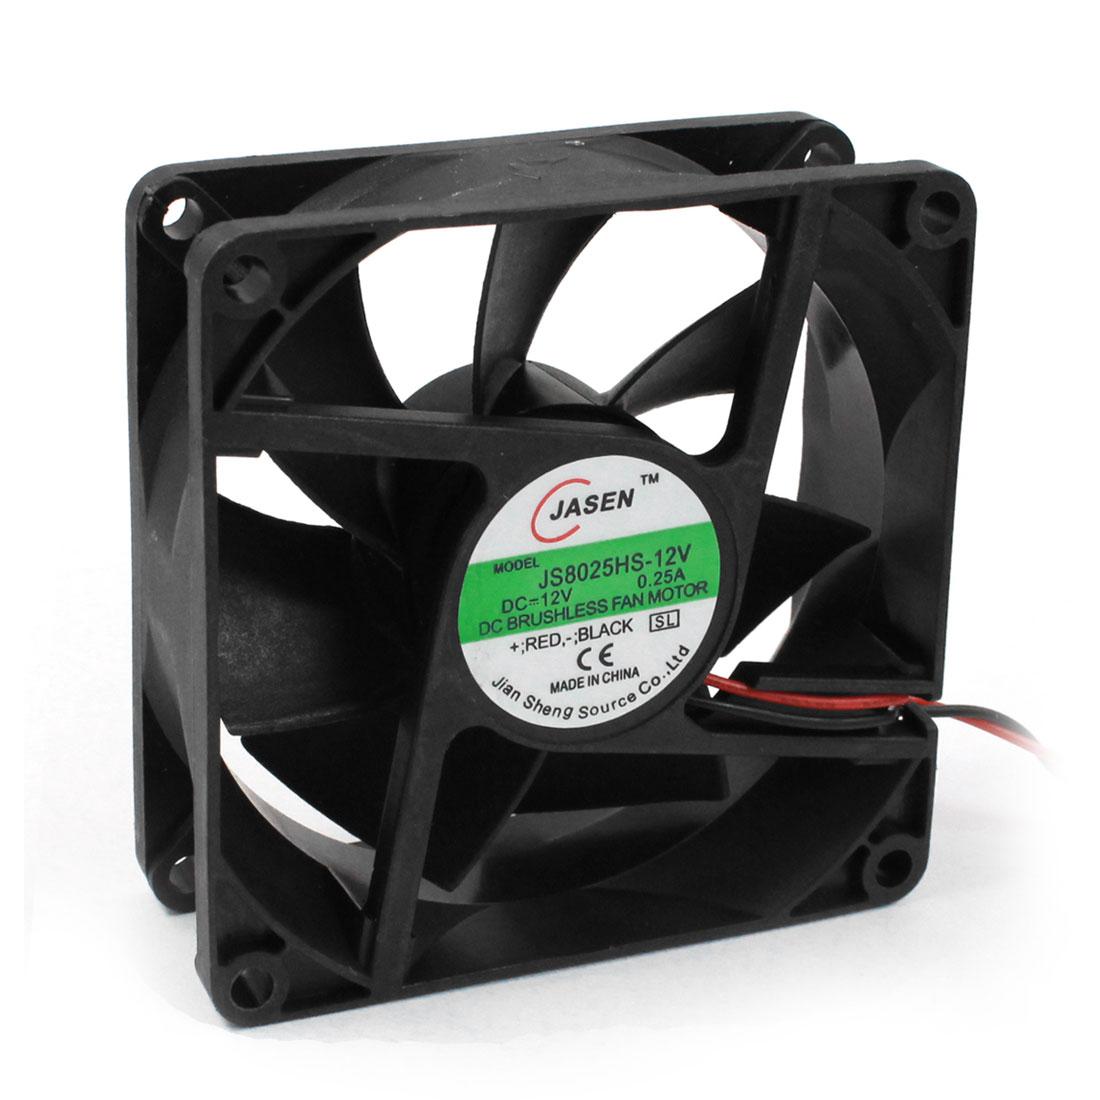 DC 12V 80mmx80mm Cooling Fan Black w Dustproof Mesh for PC Case CPU Cooler Radiator